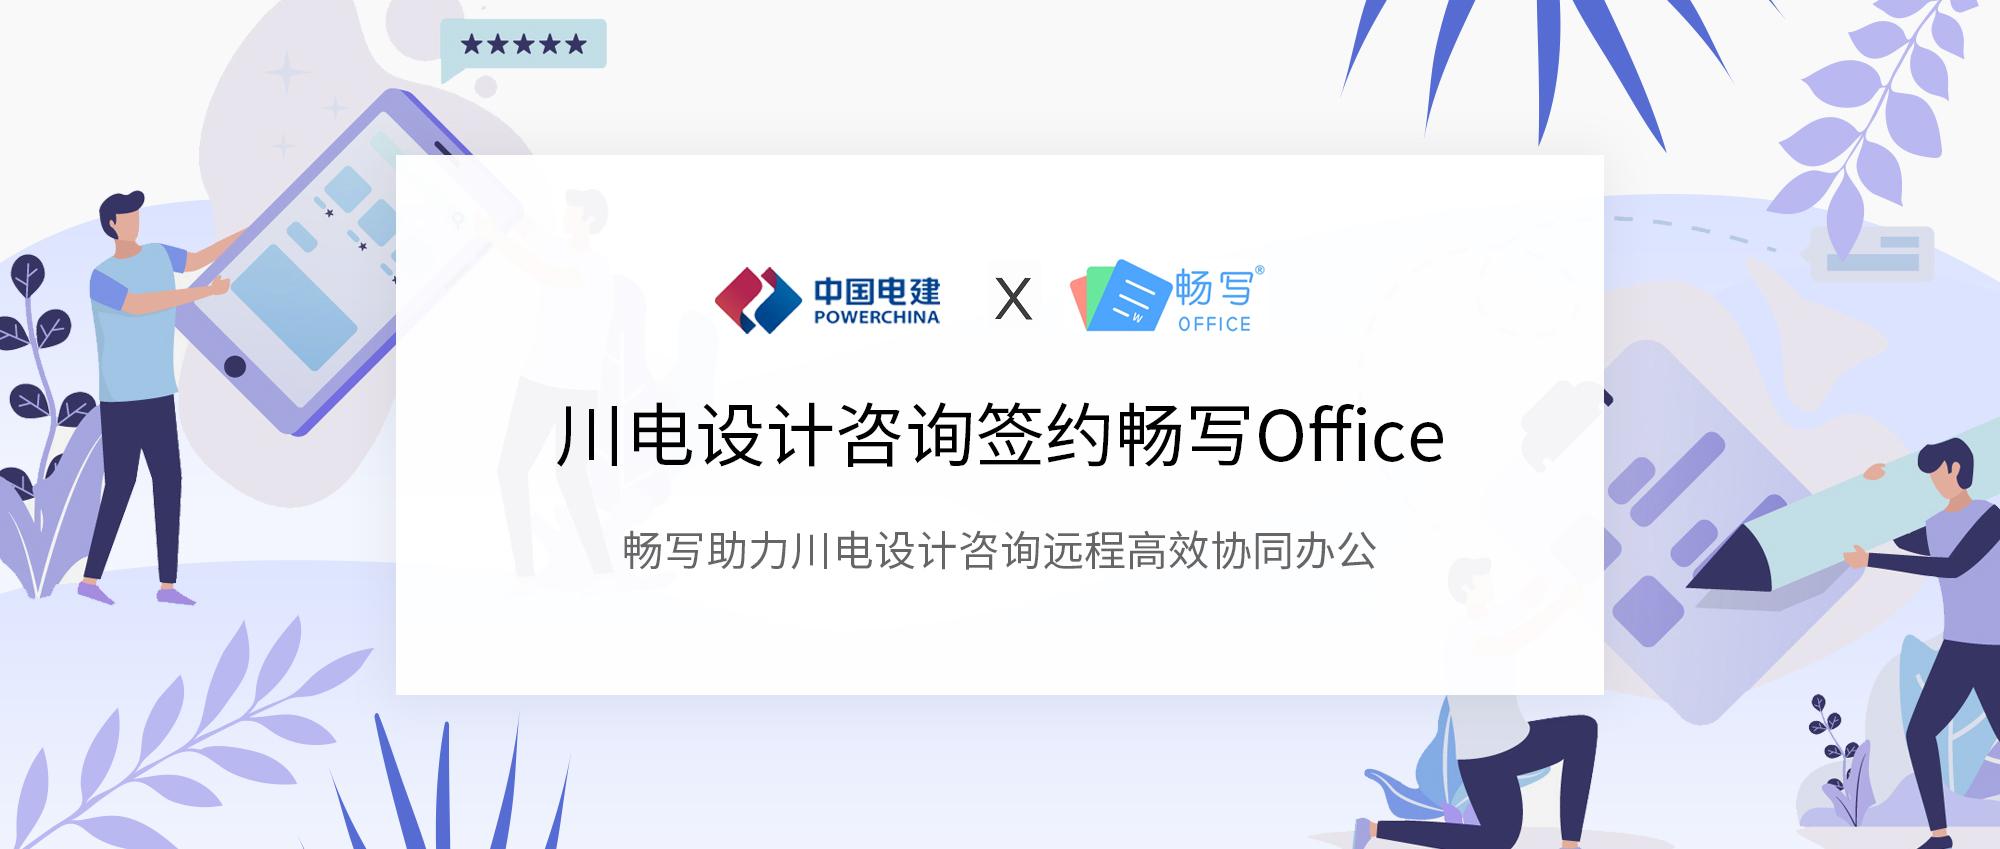 四川电力微信图片_20200205182302.jpg